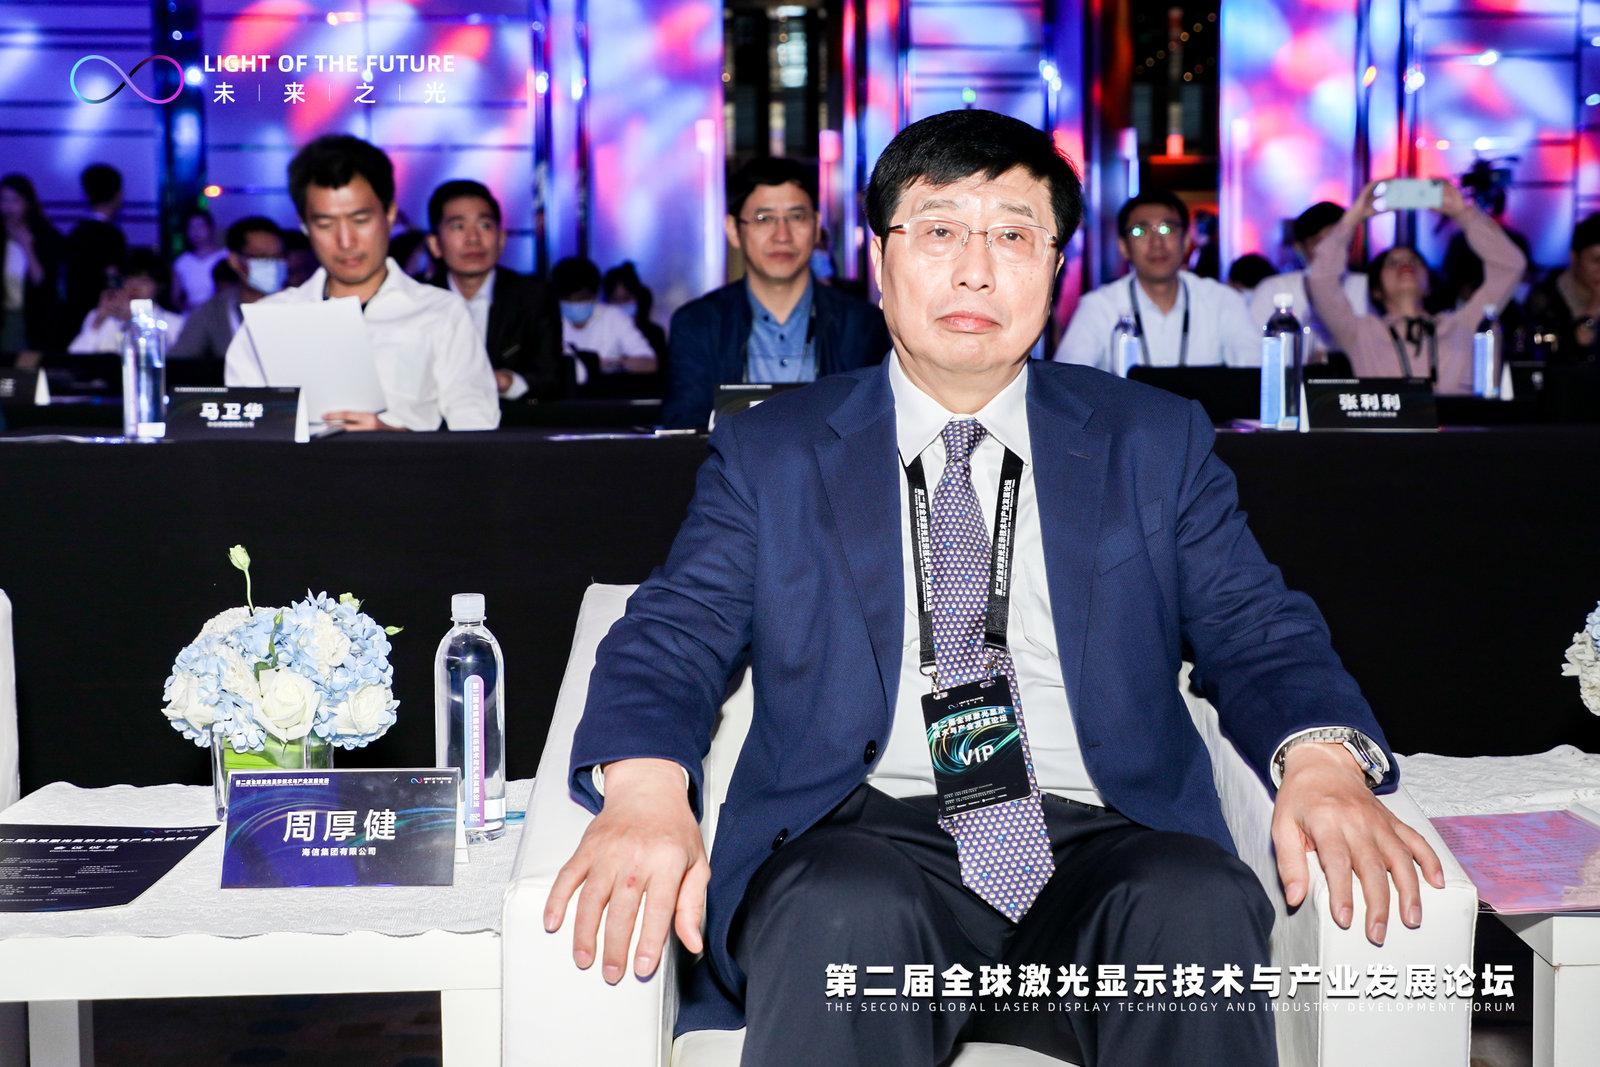 海信集团董事长周厚健出席论坛